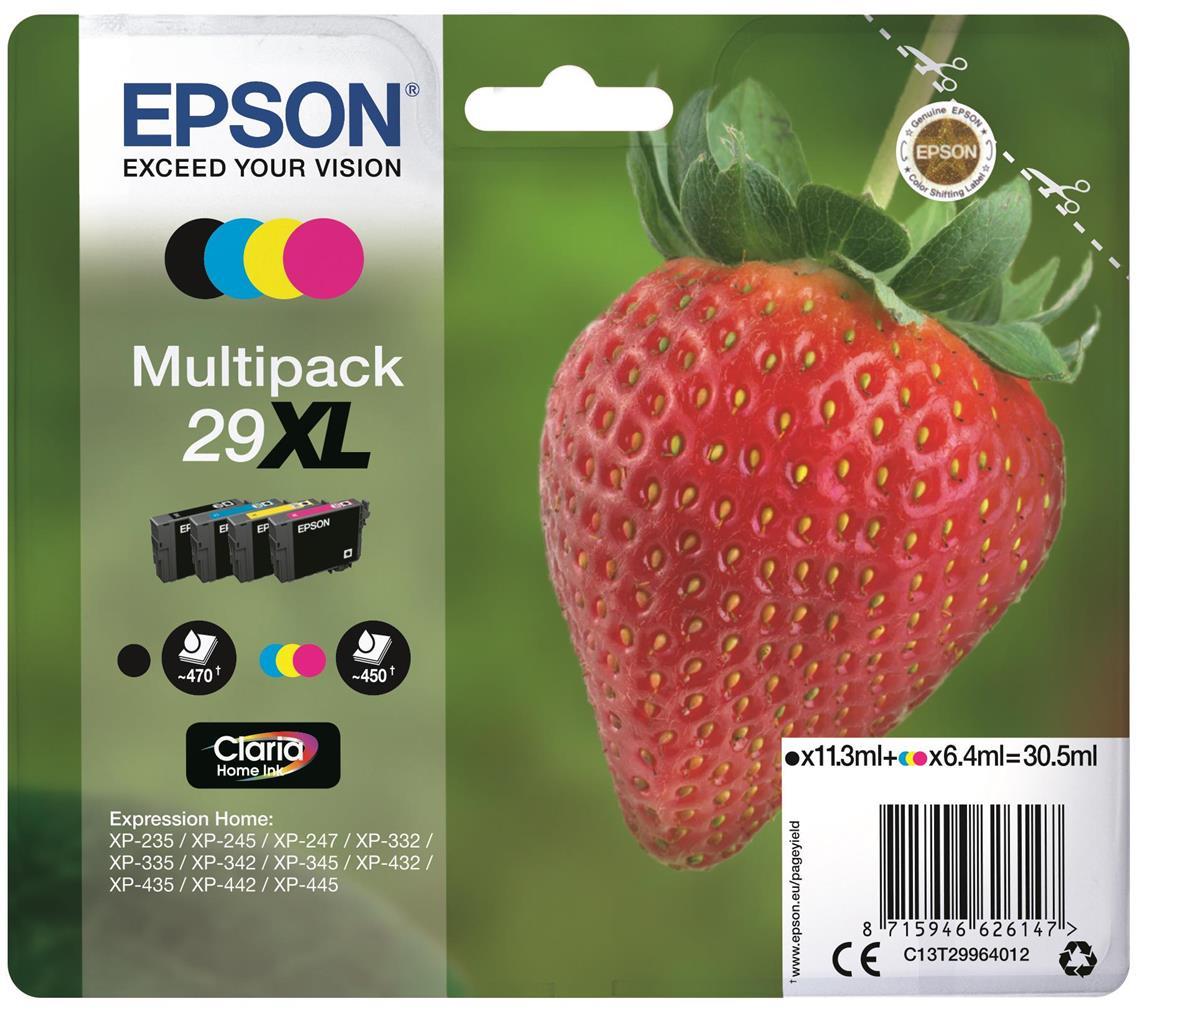 Epson No. 29XL InkJet Cartridge 470pp Black 450pp Colour CMYK Ref C13T29964012 [Pack 4]